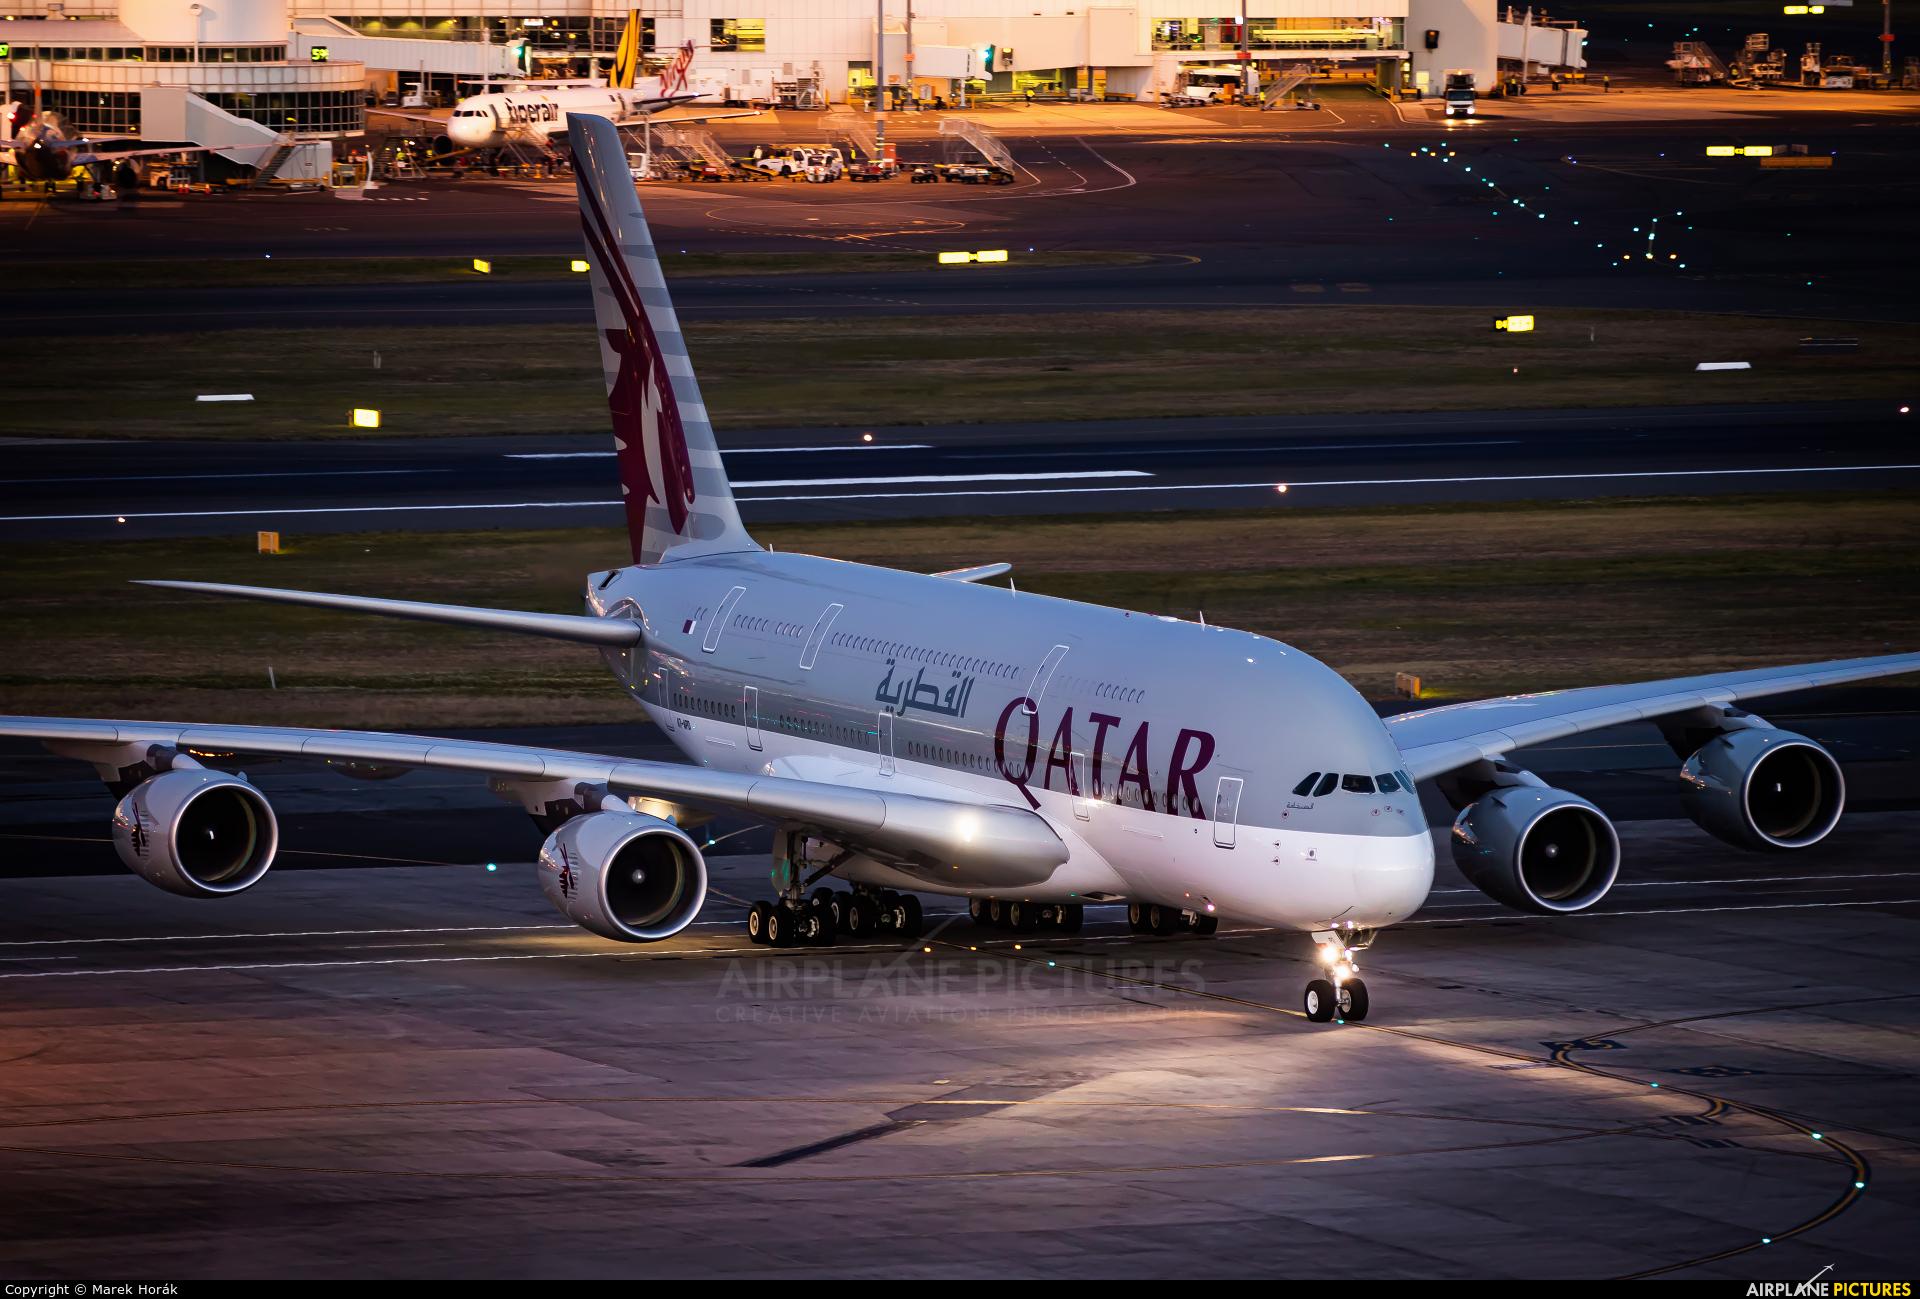 Qatar Airways A7-APD aircraft at Sydney - Kingsford Smith Intl, NSW